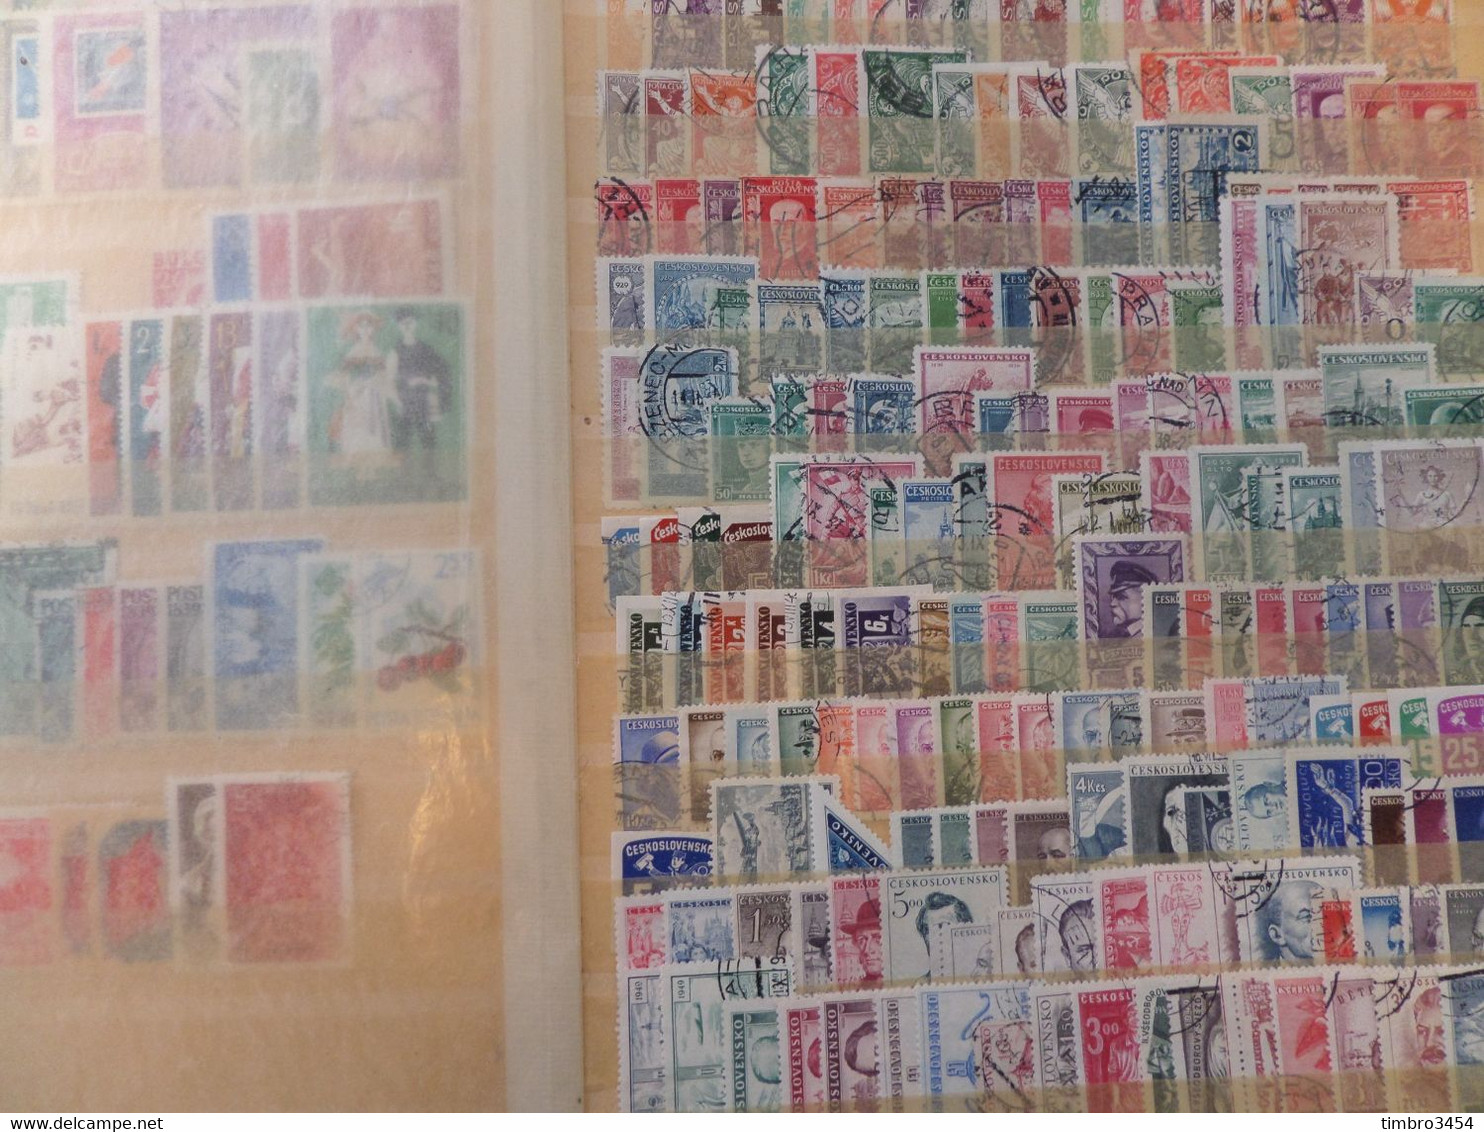 Superbe Vrac De Milliers De Timbres Tous Pays. Collection De France, Anciens, Bonnes Valeurs, Cote énorme. A Saisir! - Mezclas (min 1000 Sellos)